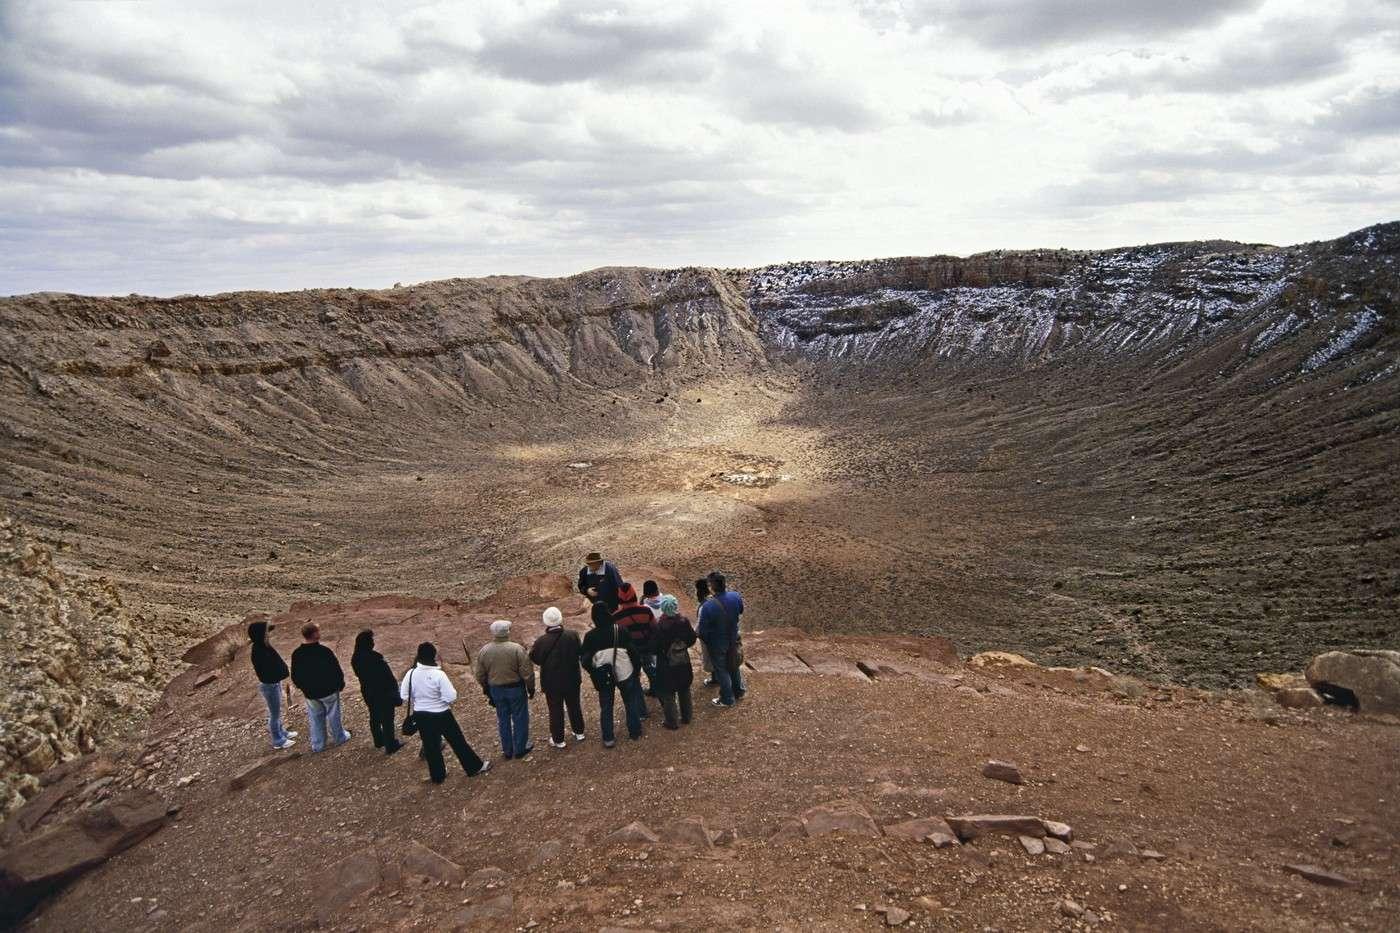 Les touristes qui se rendent au bord du Meteor Crater, en Arizona, peuvent mesurer les conséquences d'une rencontre entre la Terre et un astéroïde de la taille de 2012 DA 14. © Tony Rowell